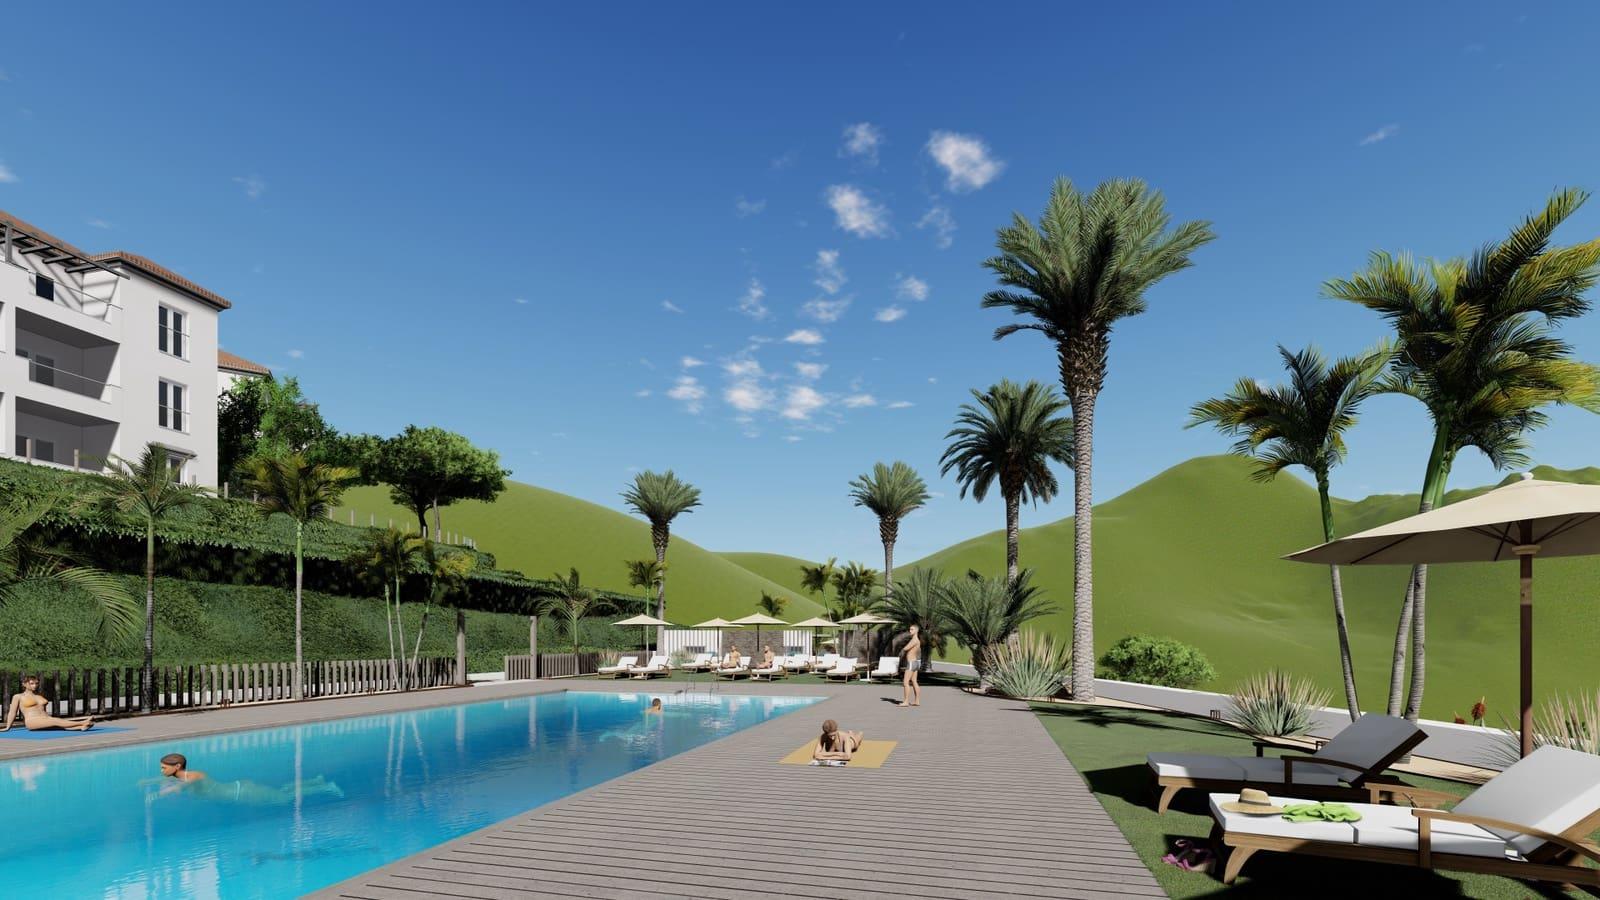 3 chambre Bungalow à vendre à Manilva avec piscine garage - 107 900 € (Ref: 5605546)